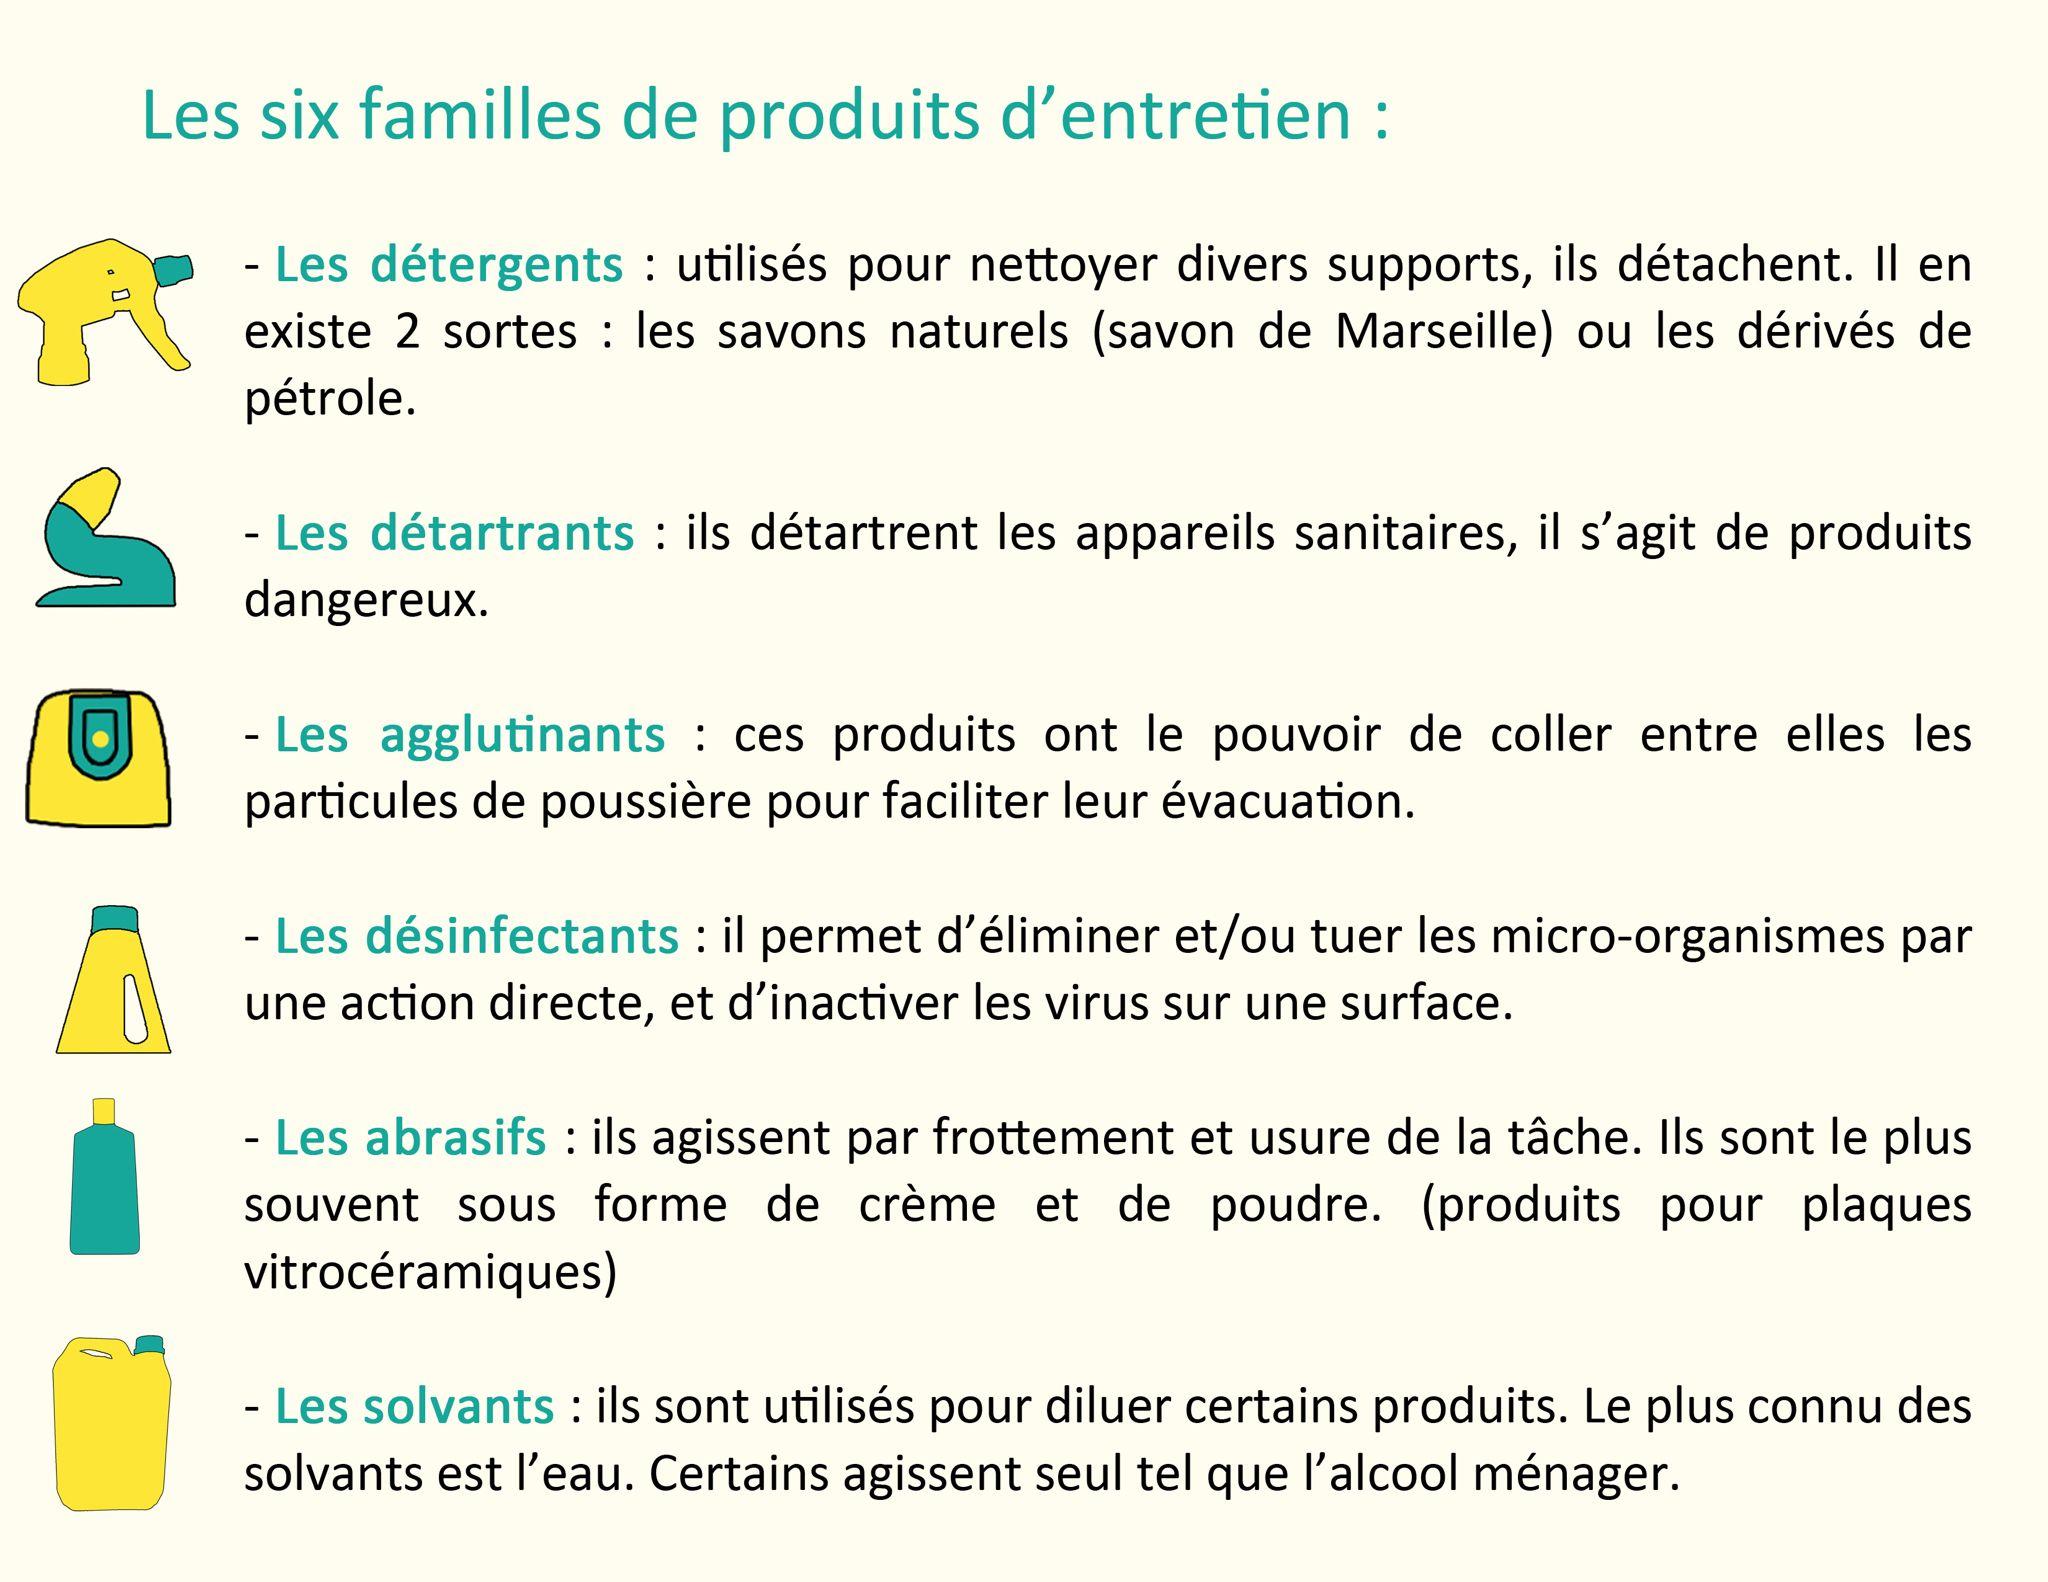 Les Six Familles De Produits D Entretien Produit Entretien Savon Naturel Produit Menager Maison